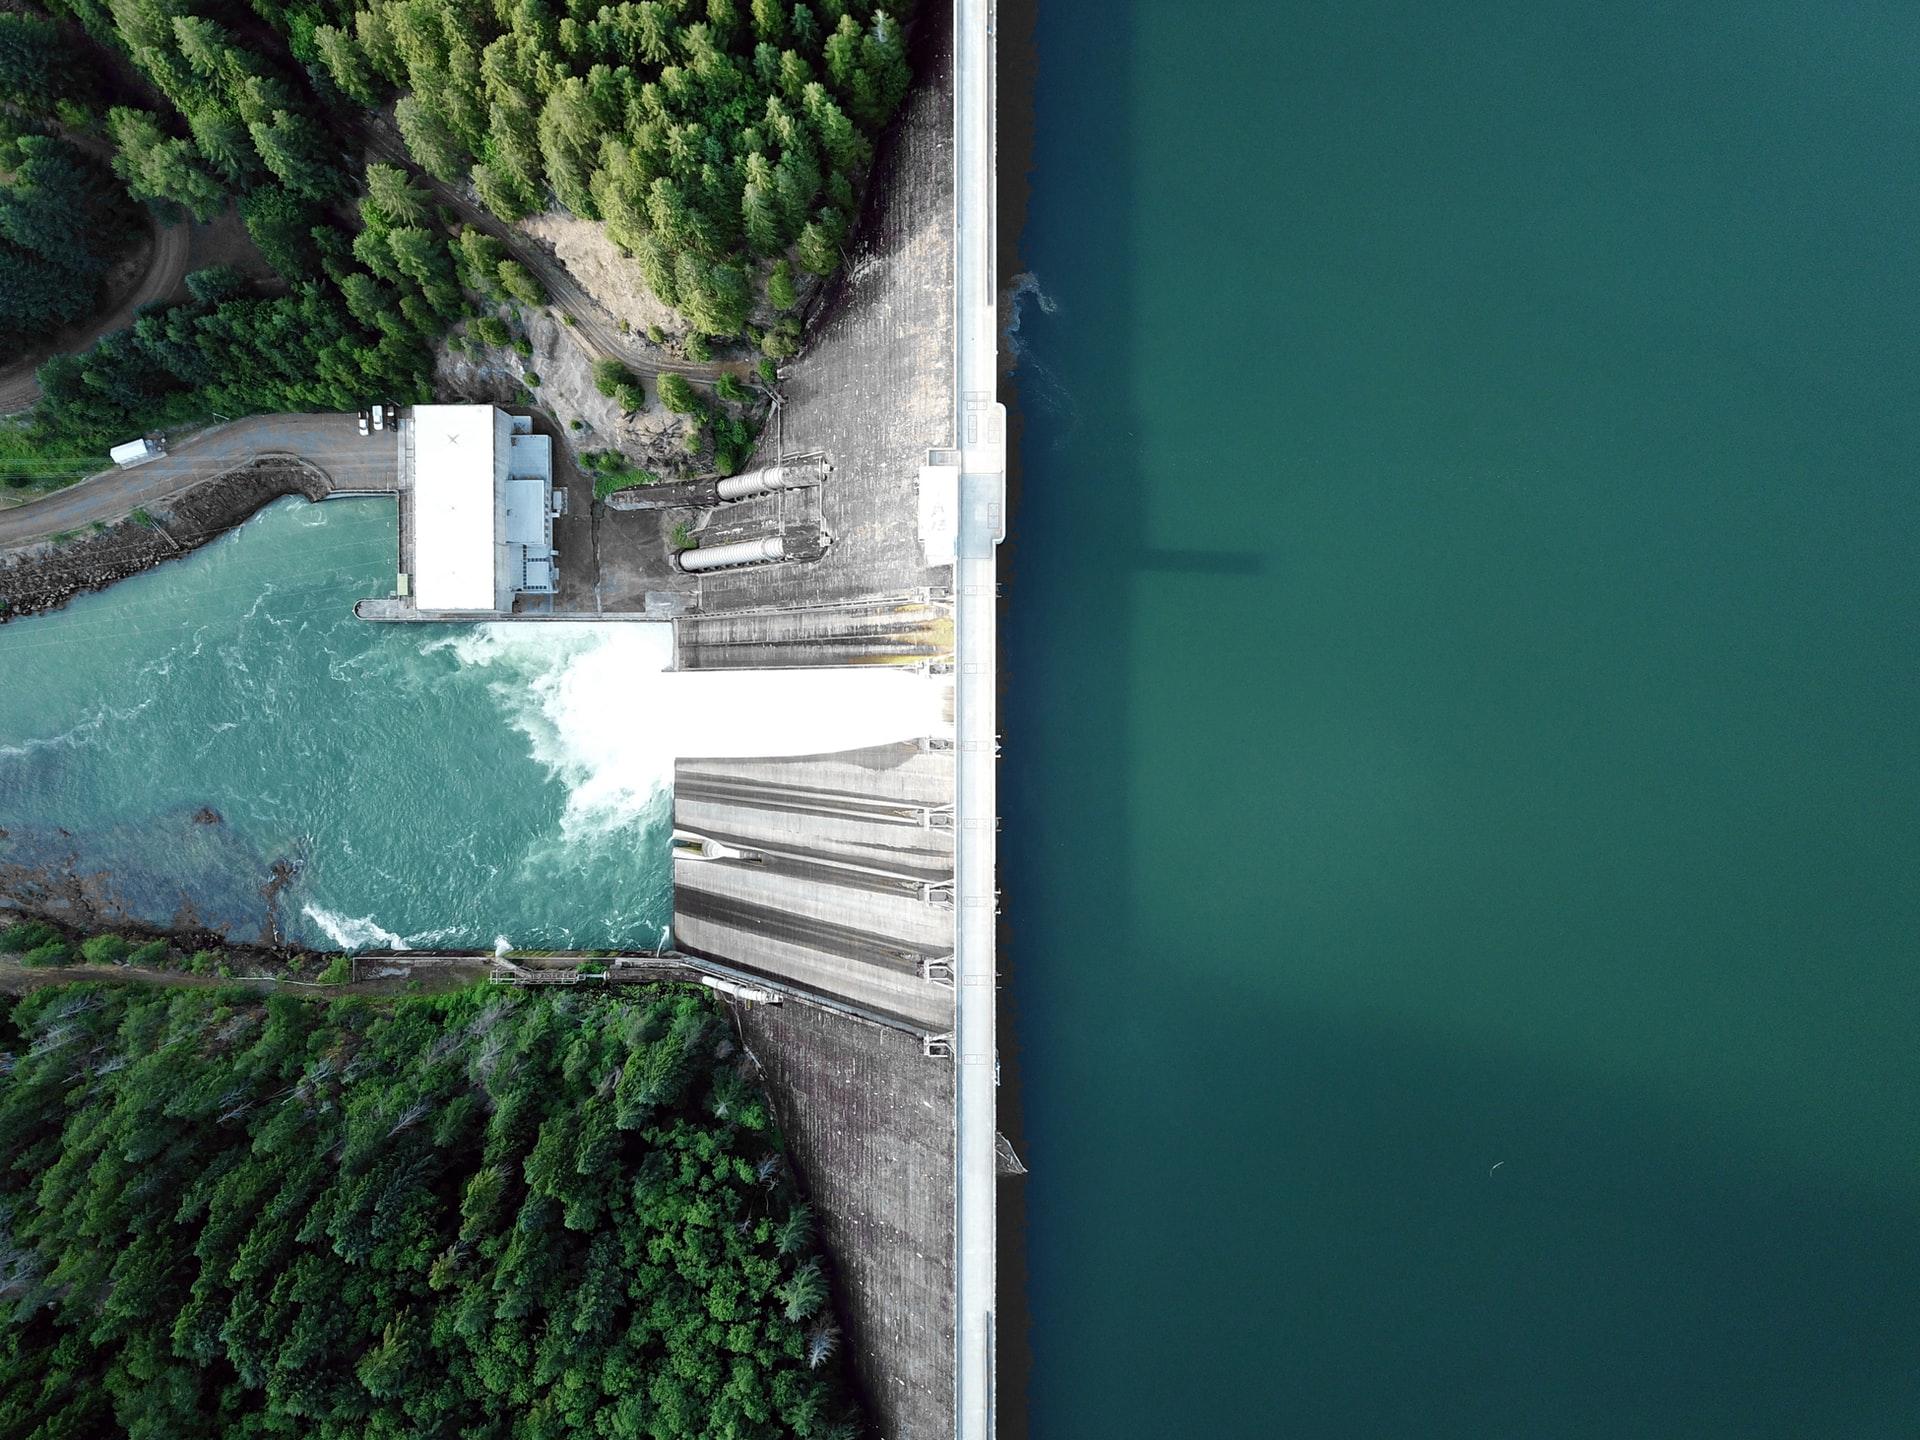 Hydro emerging